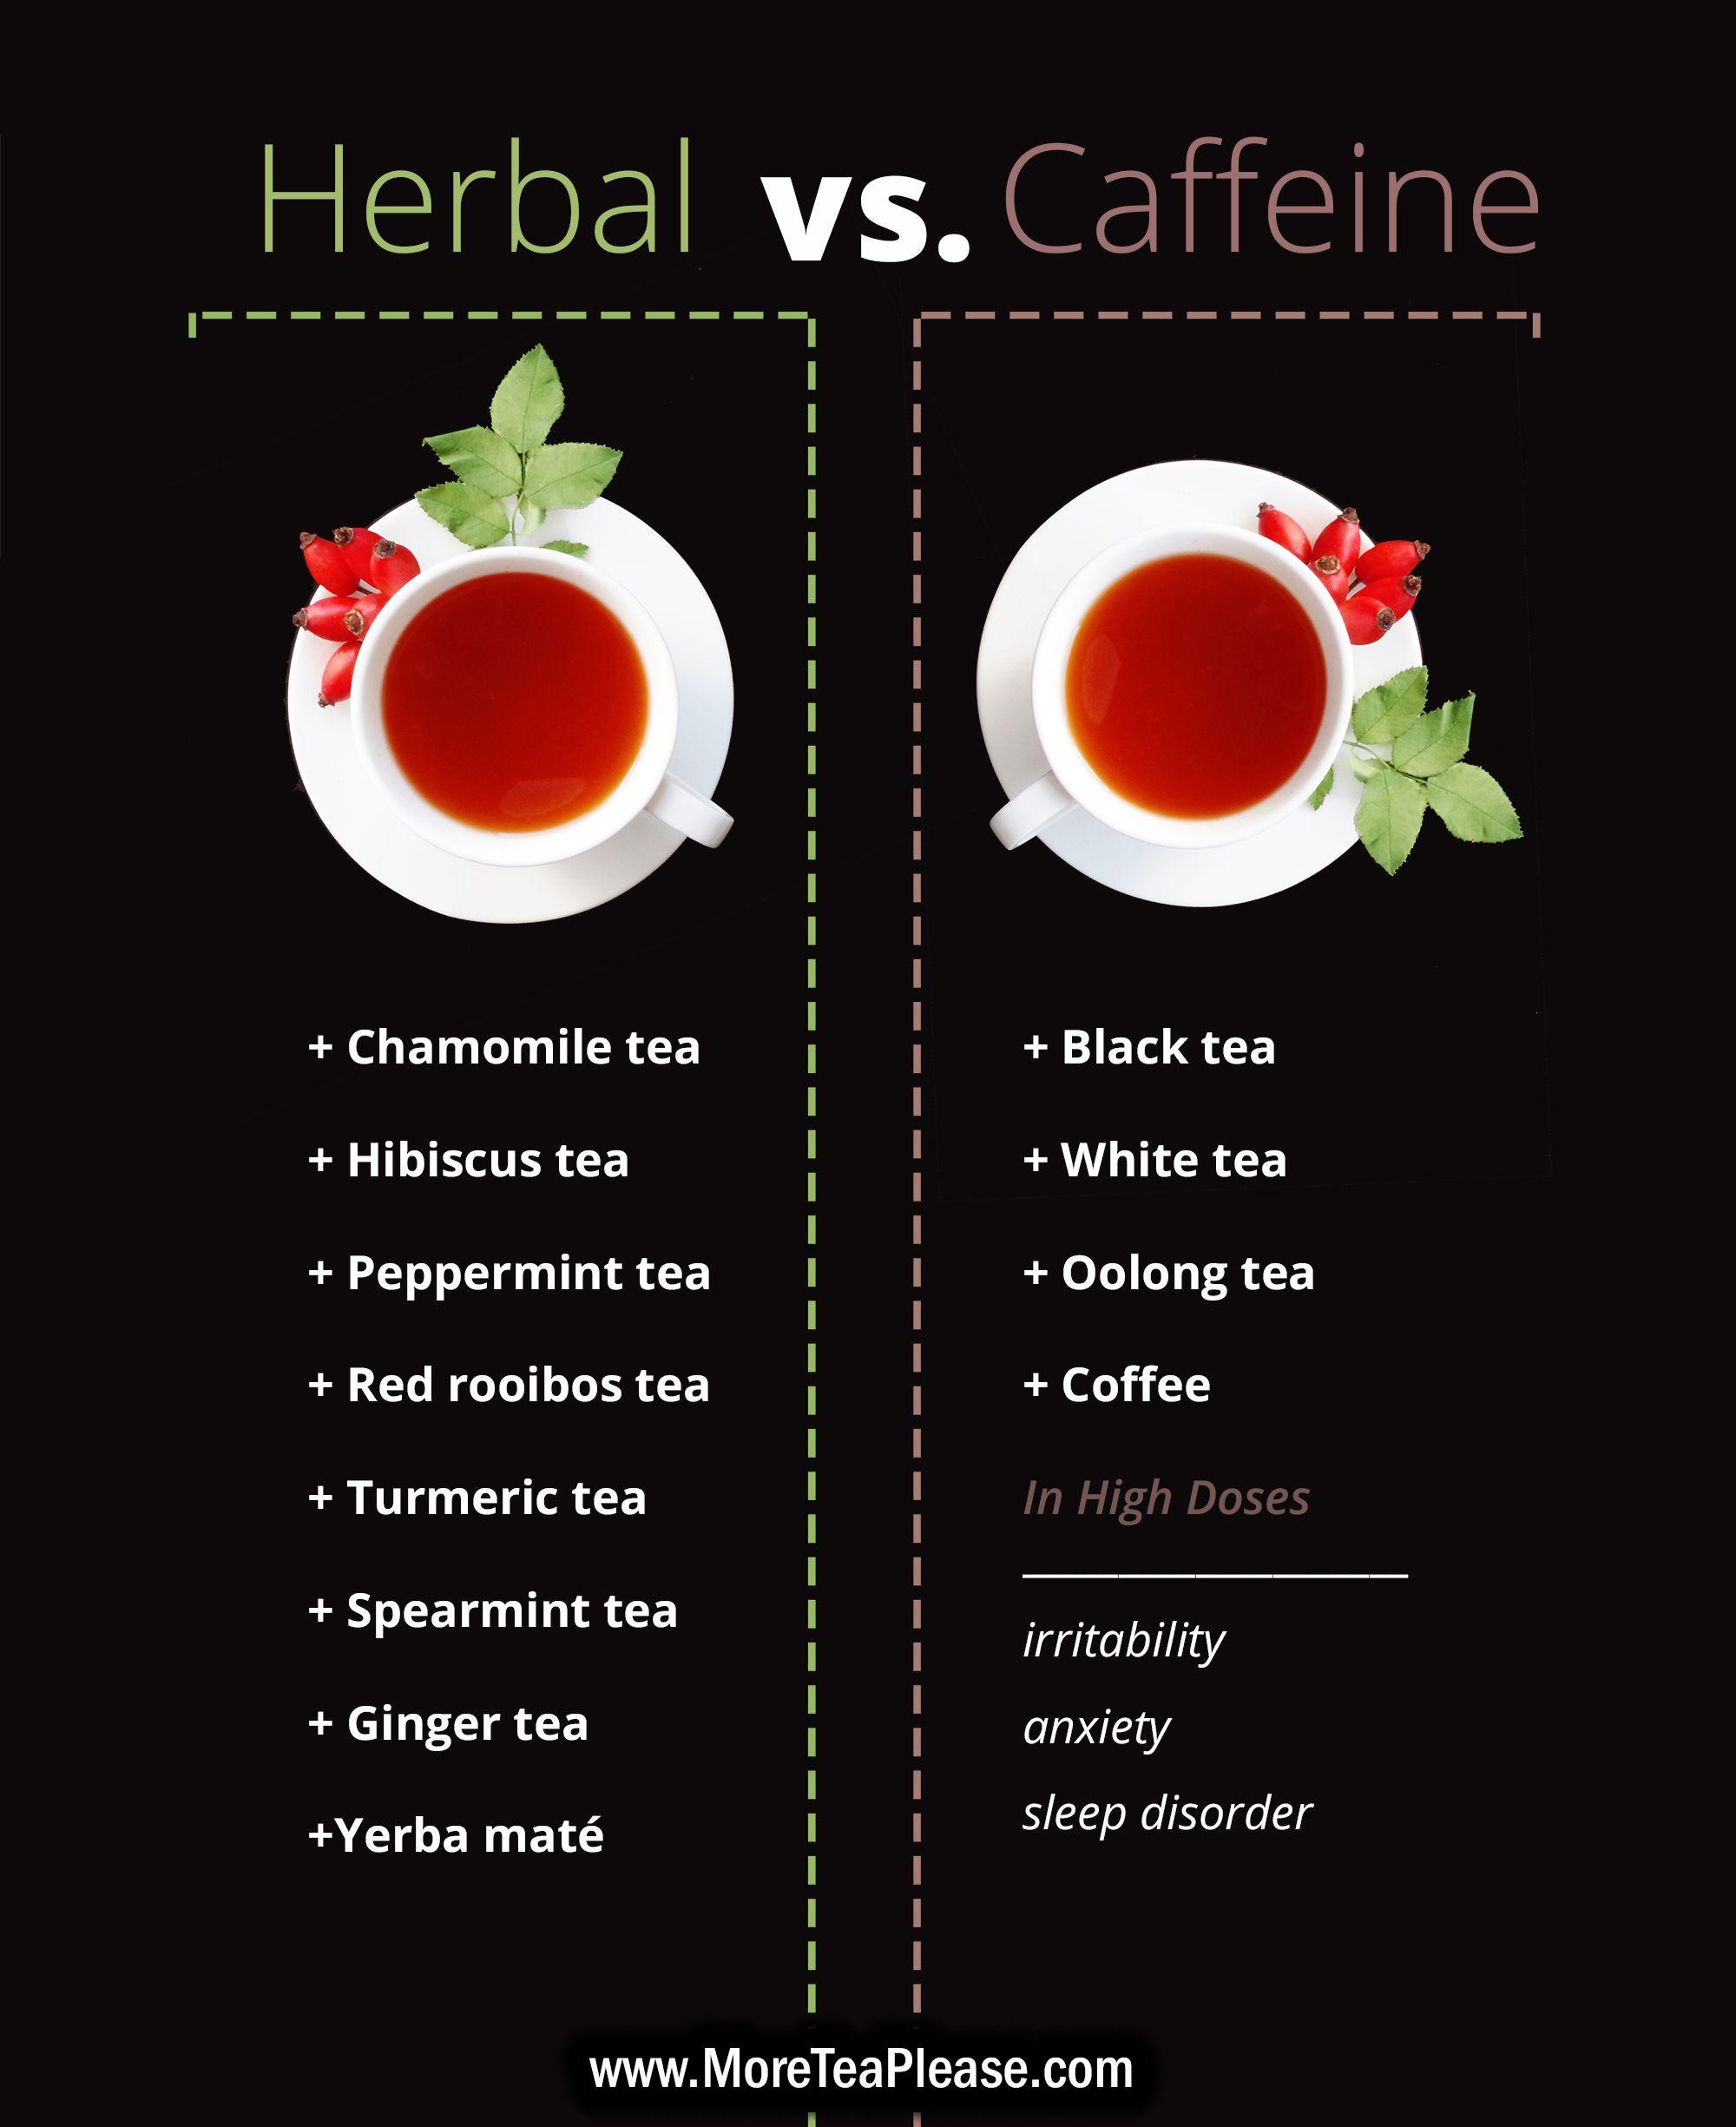 Herbal Tea Vs Caffeinated Tea Herbal Teas Recipes Herbal Tea Benefits Peppermint Tea Benefits